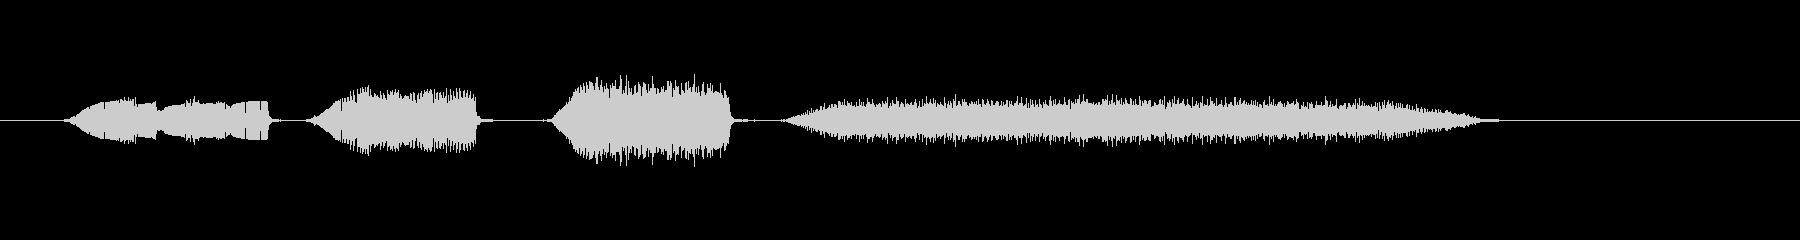 アコーディオン、フィナーレ、トニッ...の未再生の波形